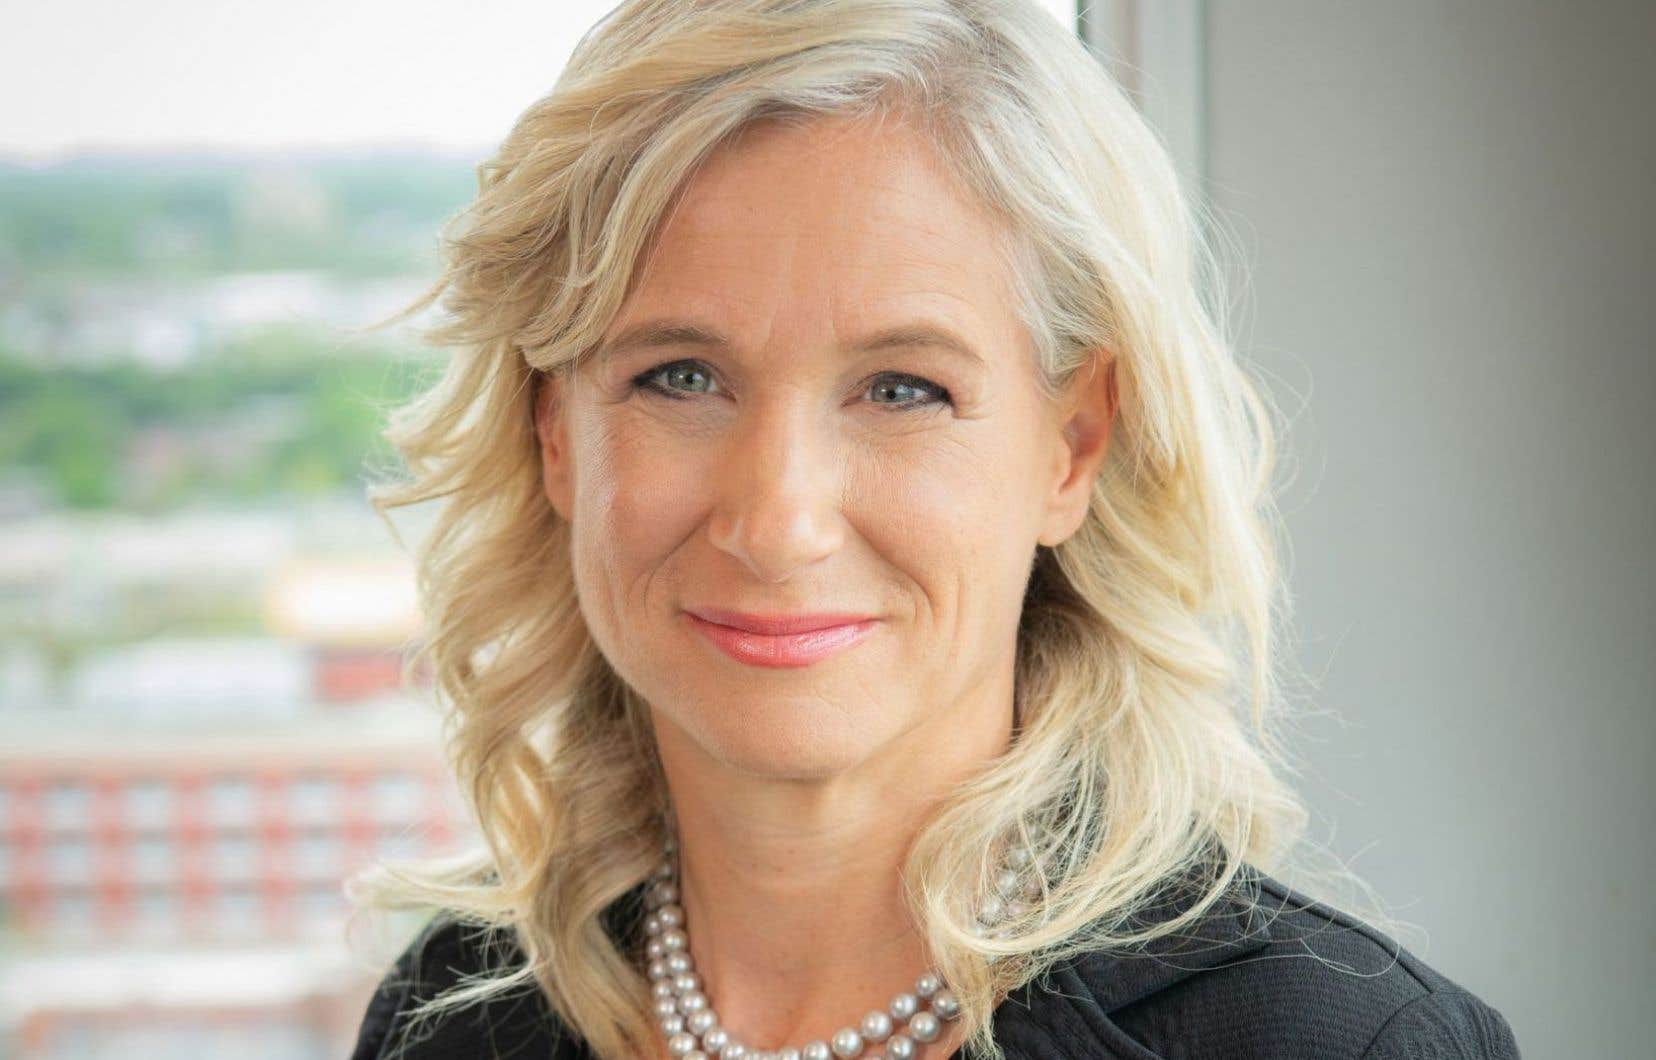 Au Québec, les avancées technologiques présentent une grande importance parce qu'elles peuvent aider à relever l'immense défi que pose la rareté de main-d'œuvre, selon la dirigeante Janie Béïque.